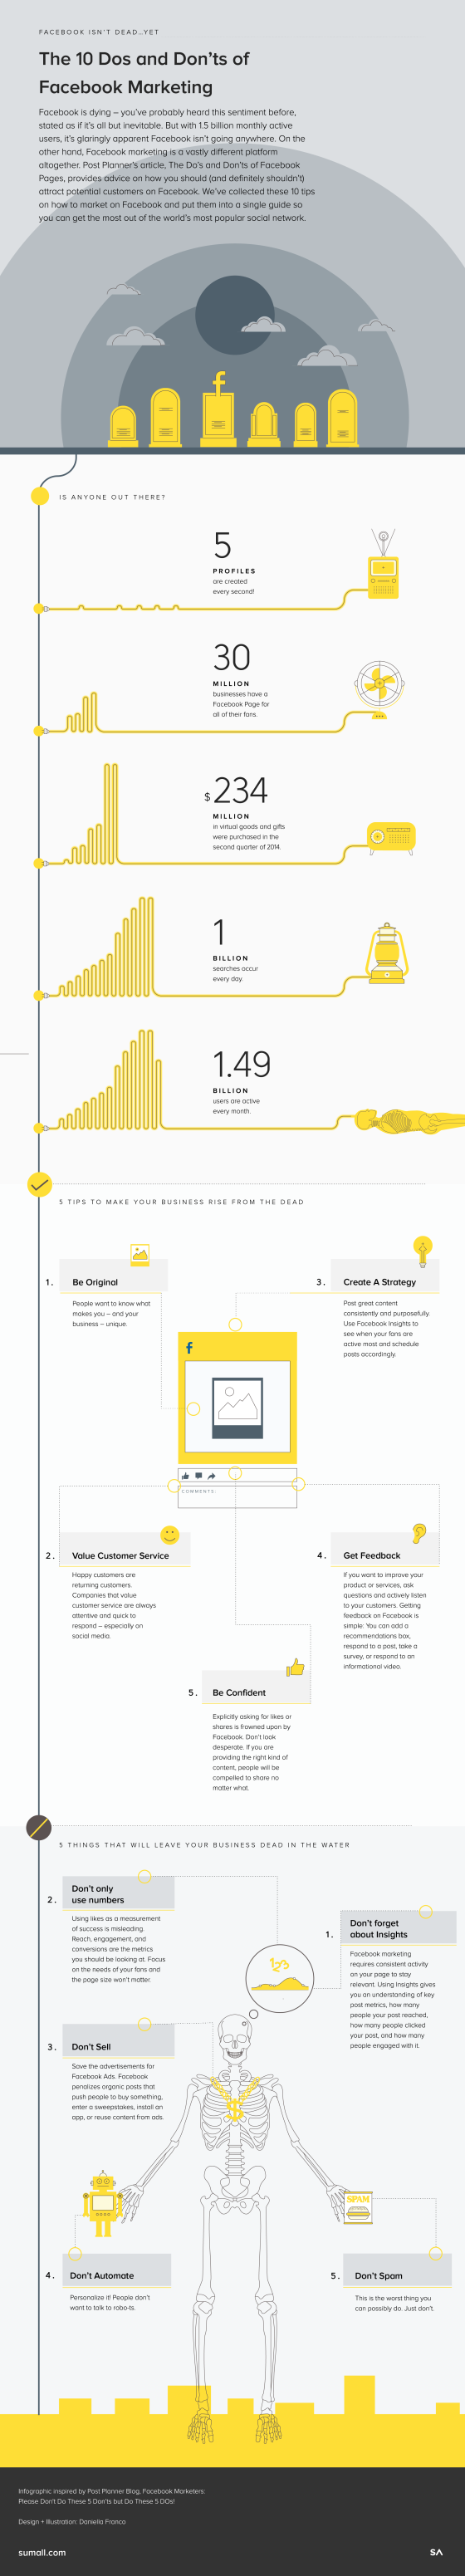 FaceBook no está muerta ... todavía #infografia